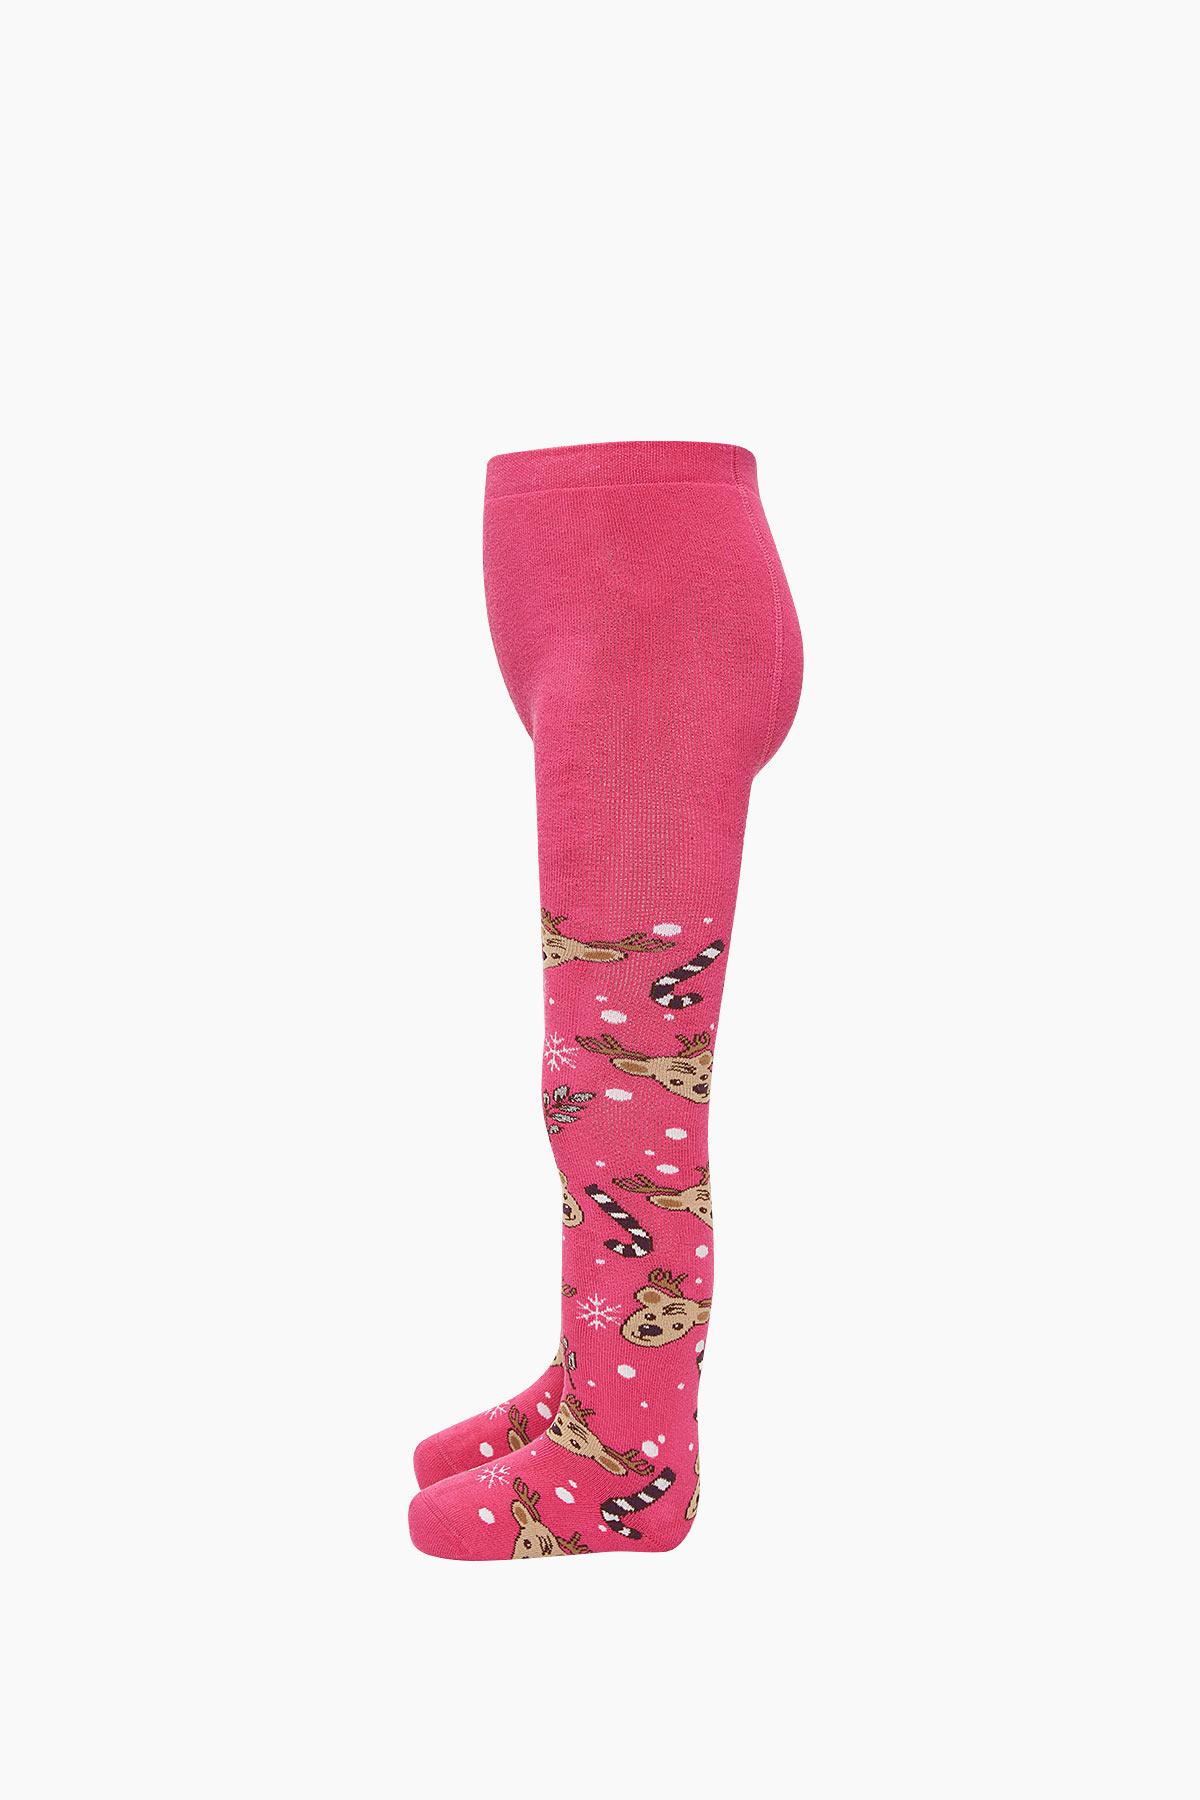 Bross Yılbaşı Geyik Desenli Havlu Külotlu Çocuk Çorabı - Thumbnail